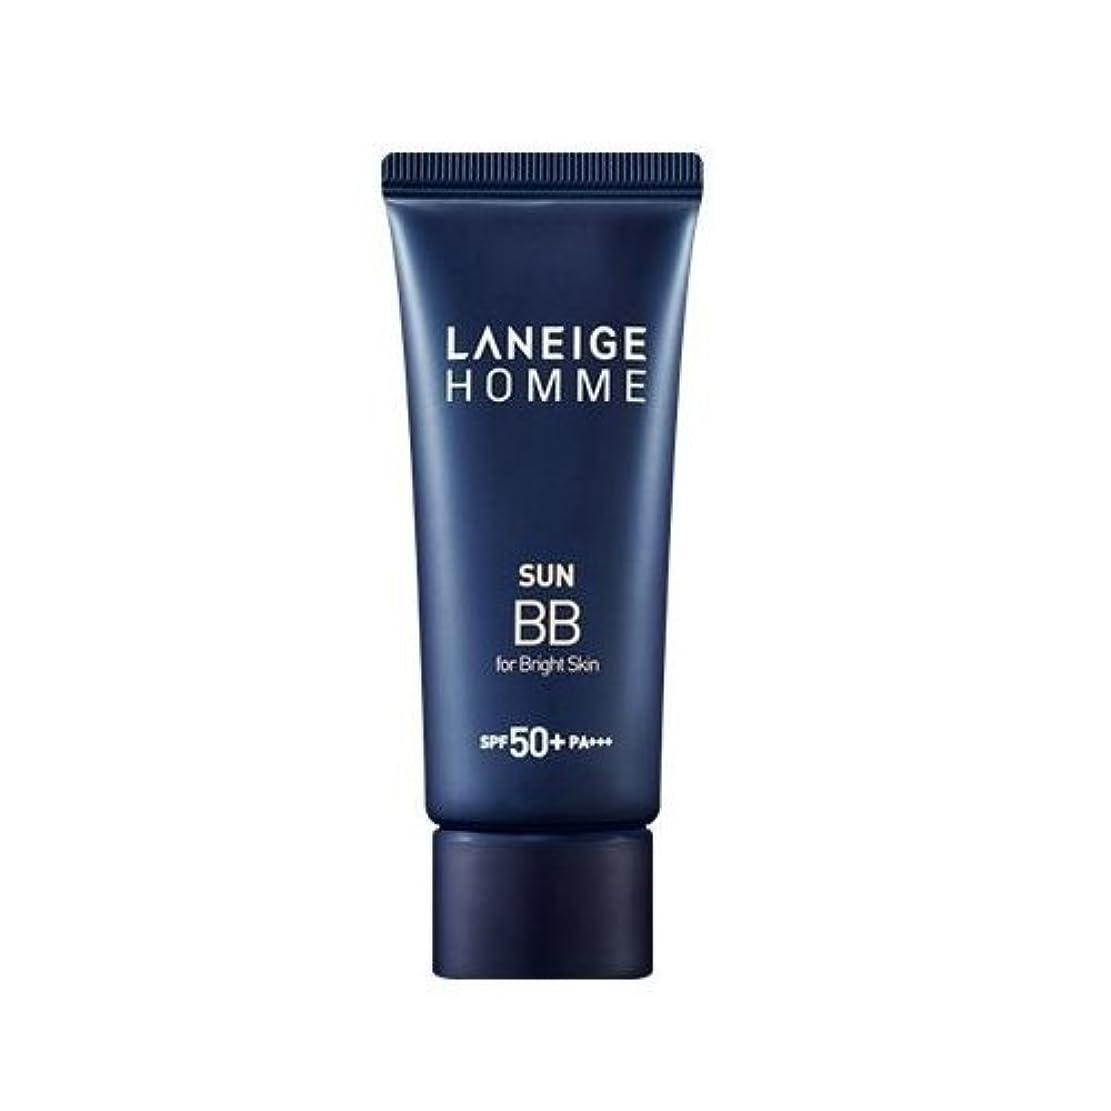 ブラウズキャッシュ作詞家Laneige Homme Sun BB Cream (SPF40/PA++) - #Bright skin